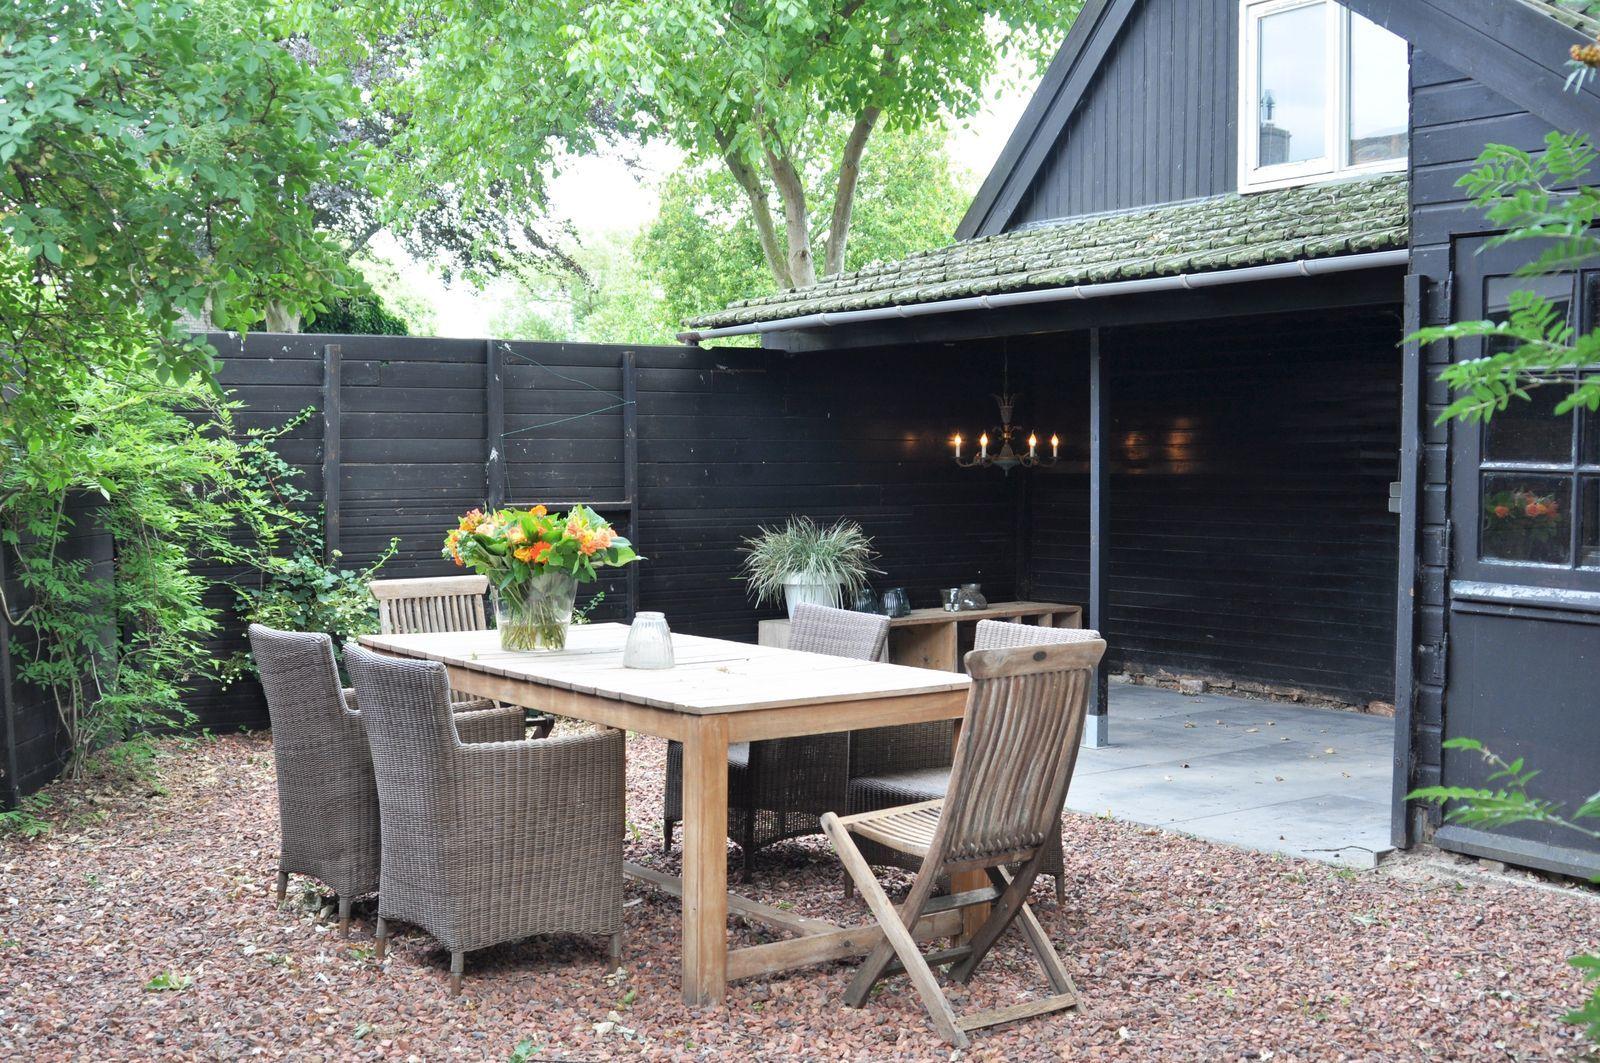 Buitenverblijf de Ruimte - vakantiehuis in Brabantse natuur